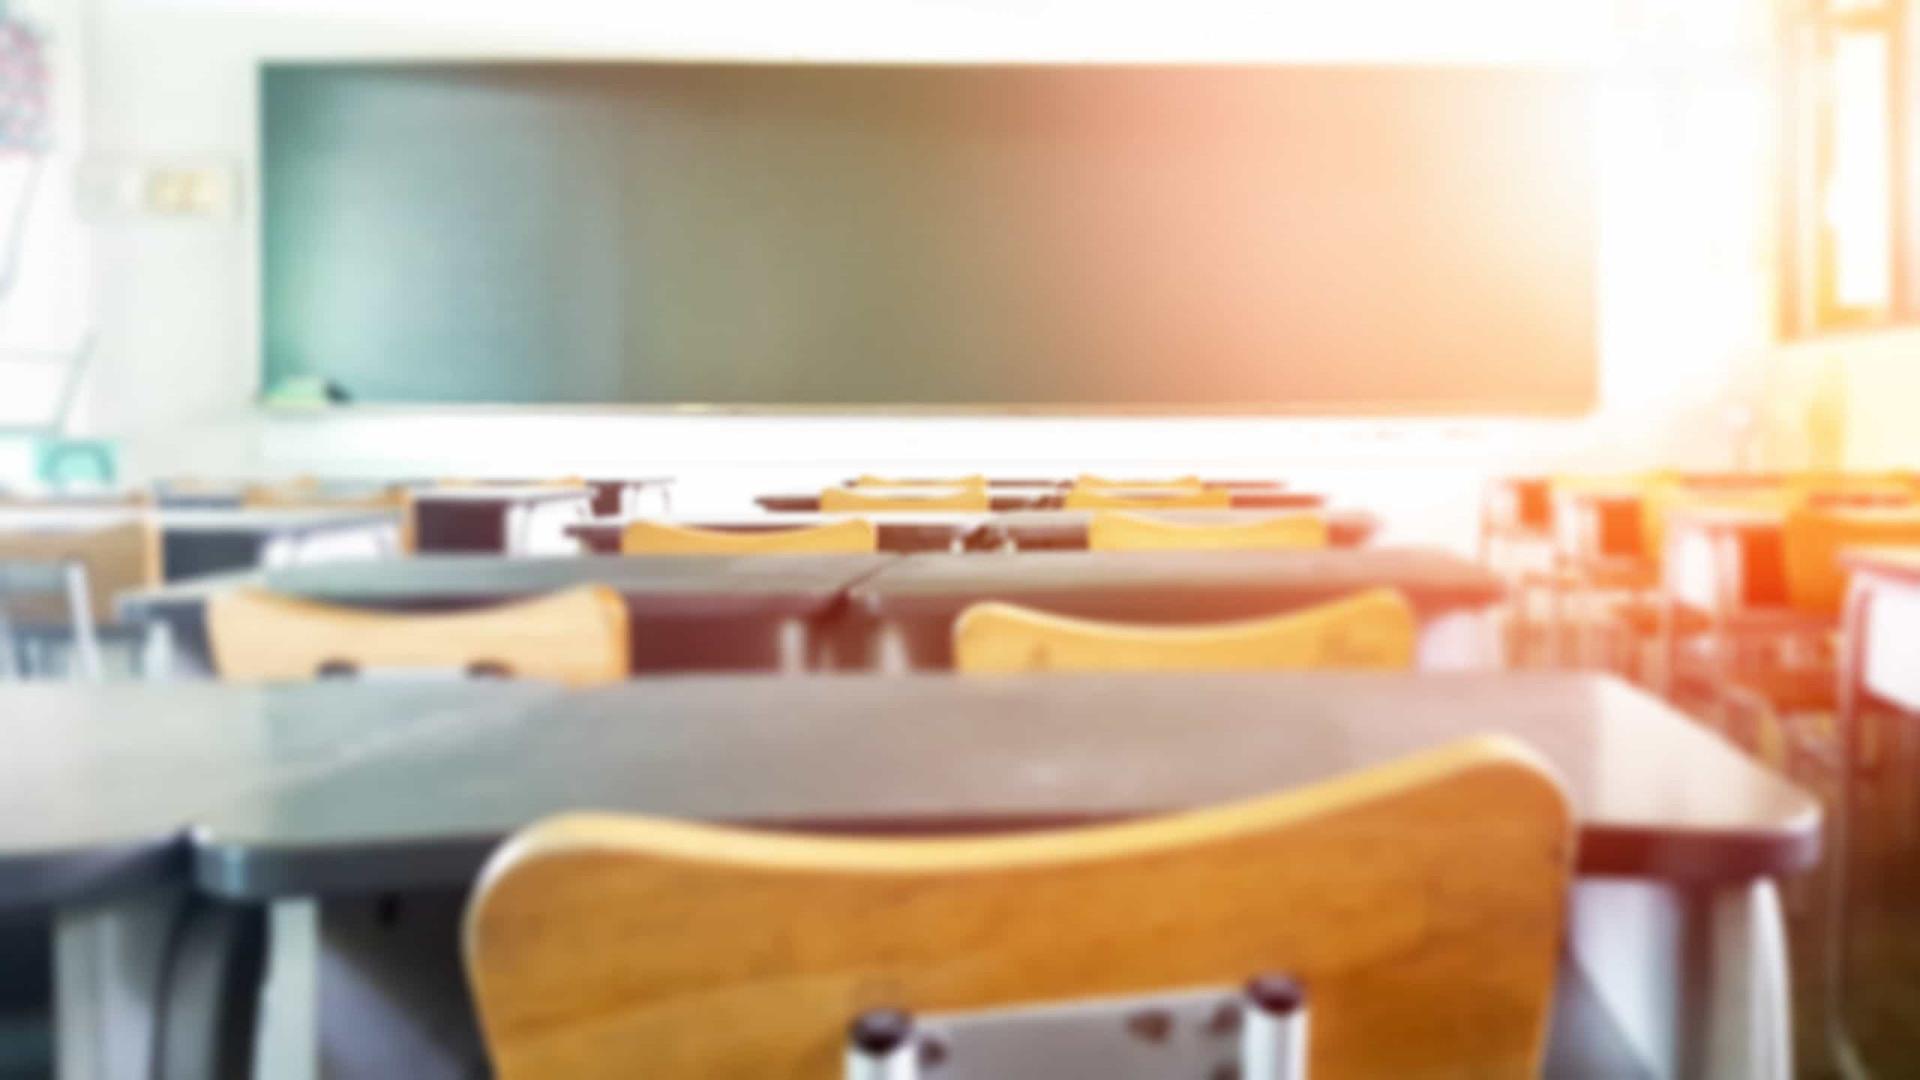 Covid-19: Estudo indica como vírus se espalha em uma sala de aula